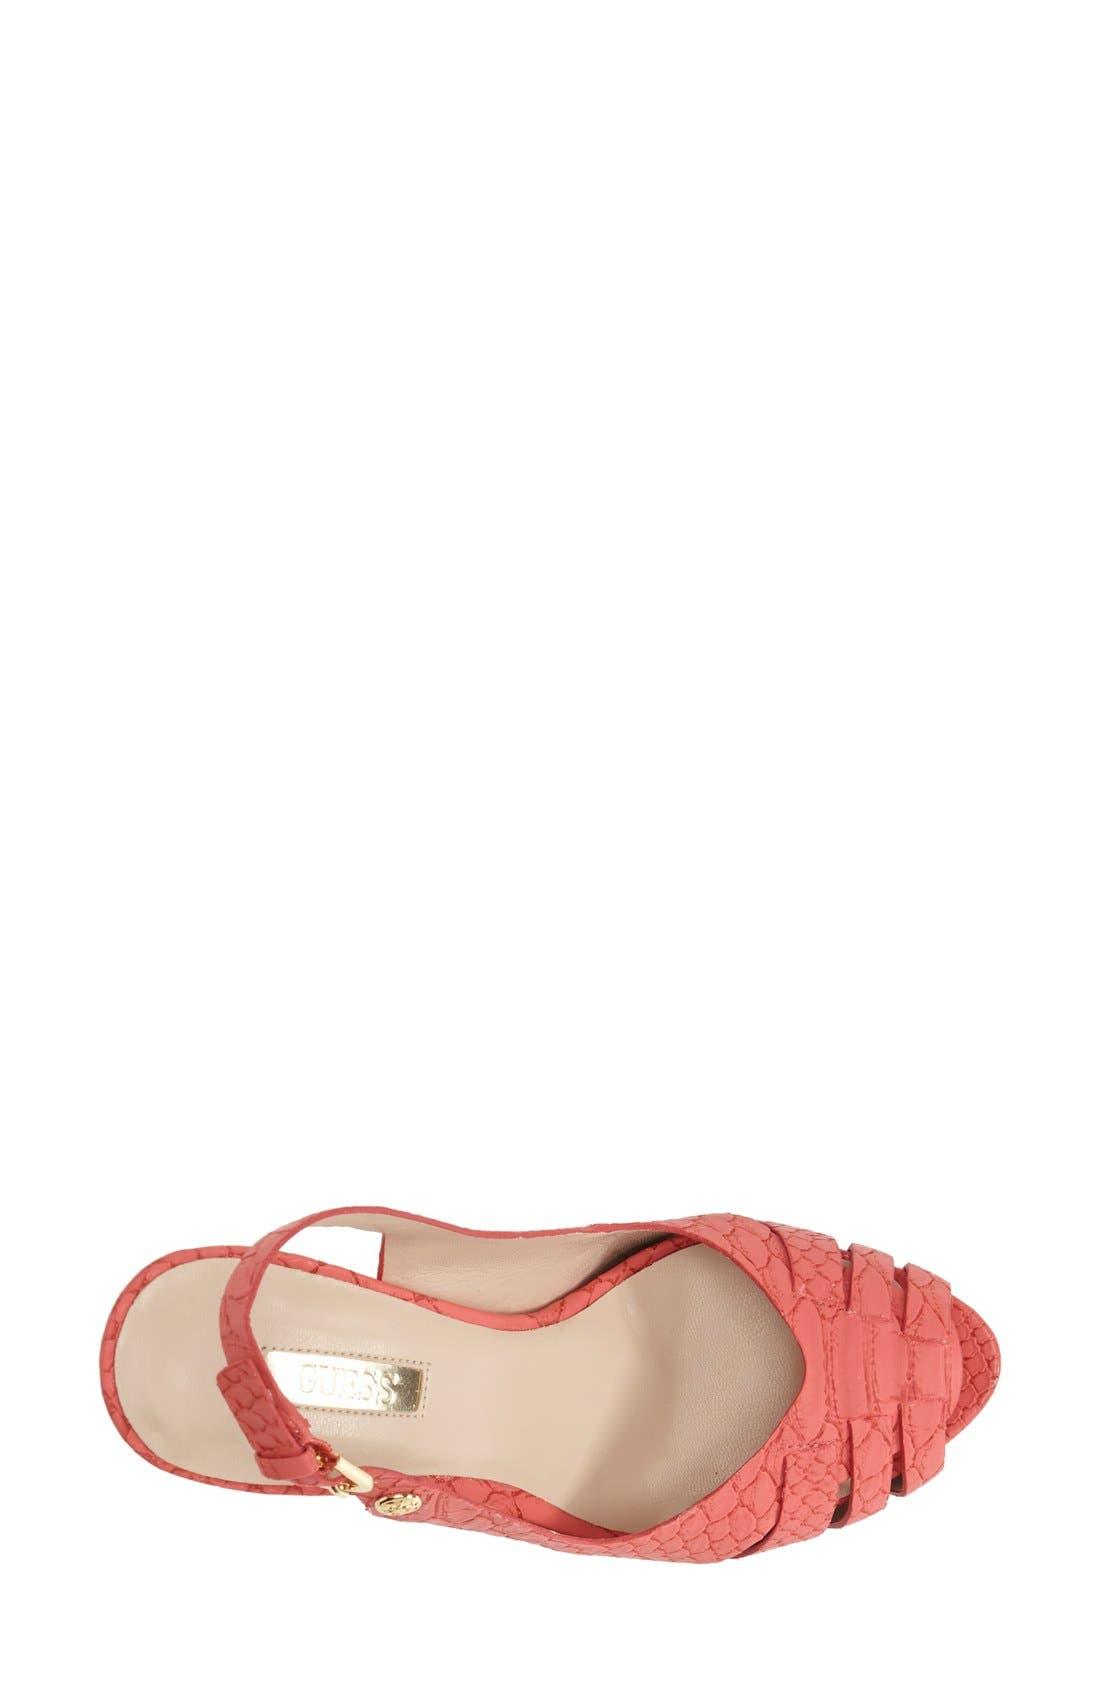 Alternate Image 3  - GUESS 'Haben' Peep Toe Platform Sandal (Women)